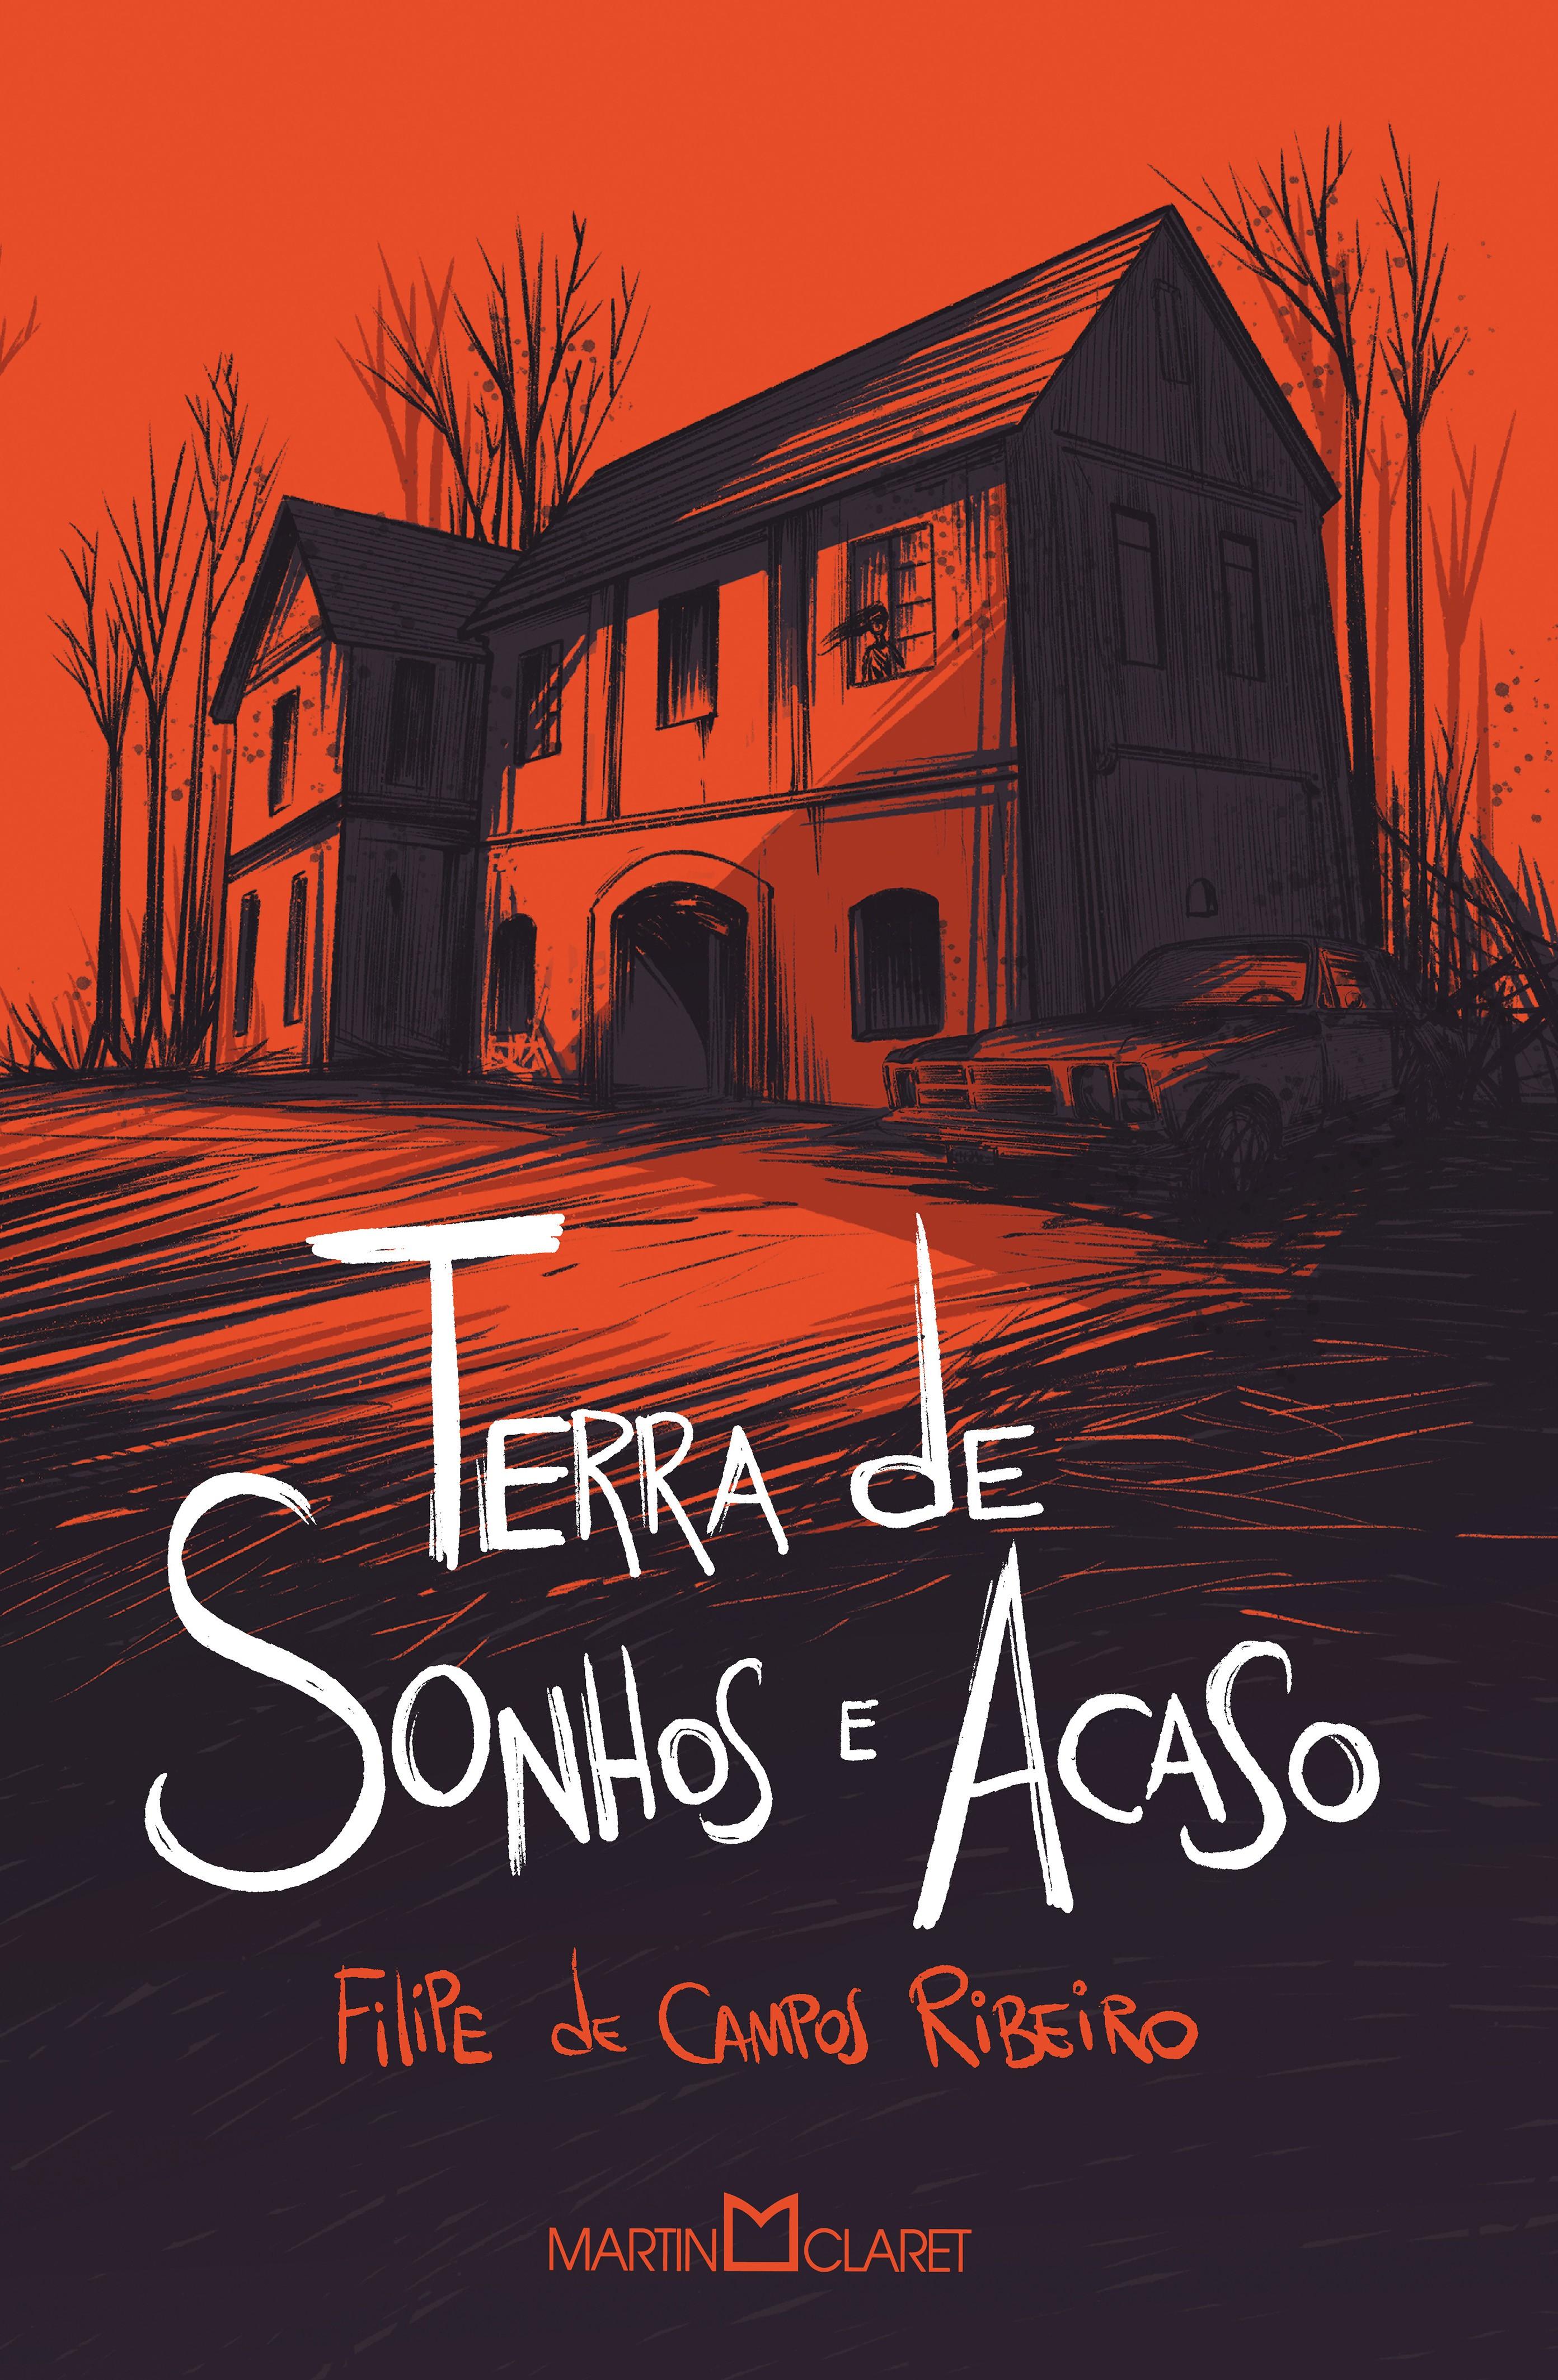 Capa do livro 'Terra de Sonhos e Acaso' (Foto: Divulgação)